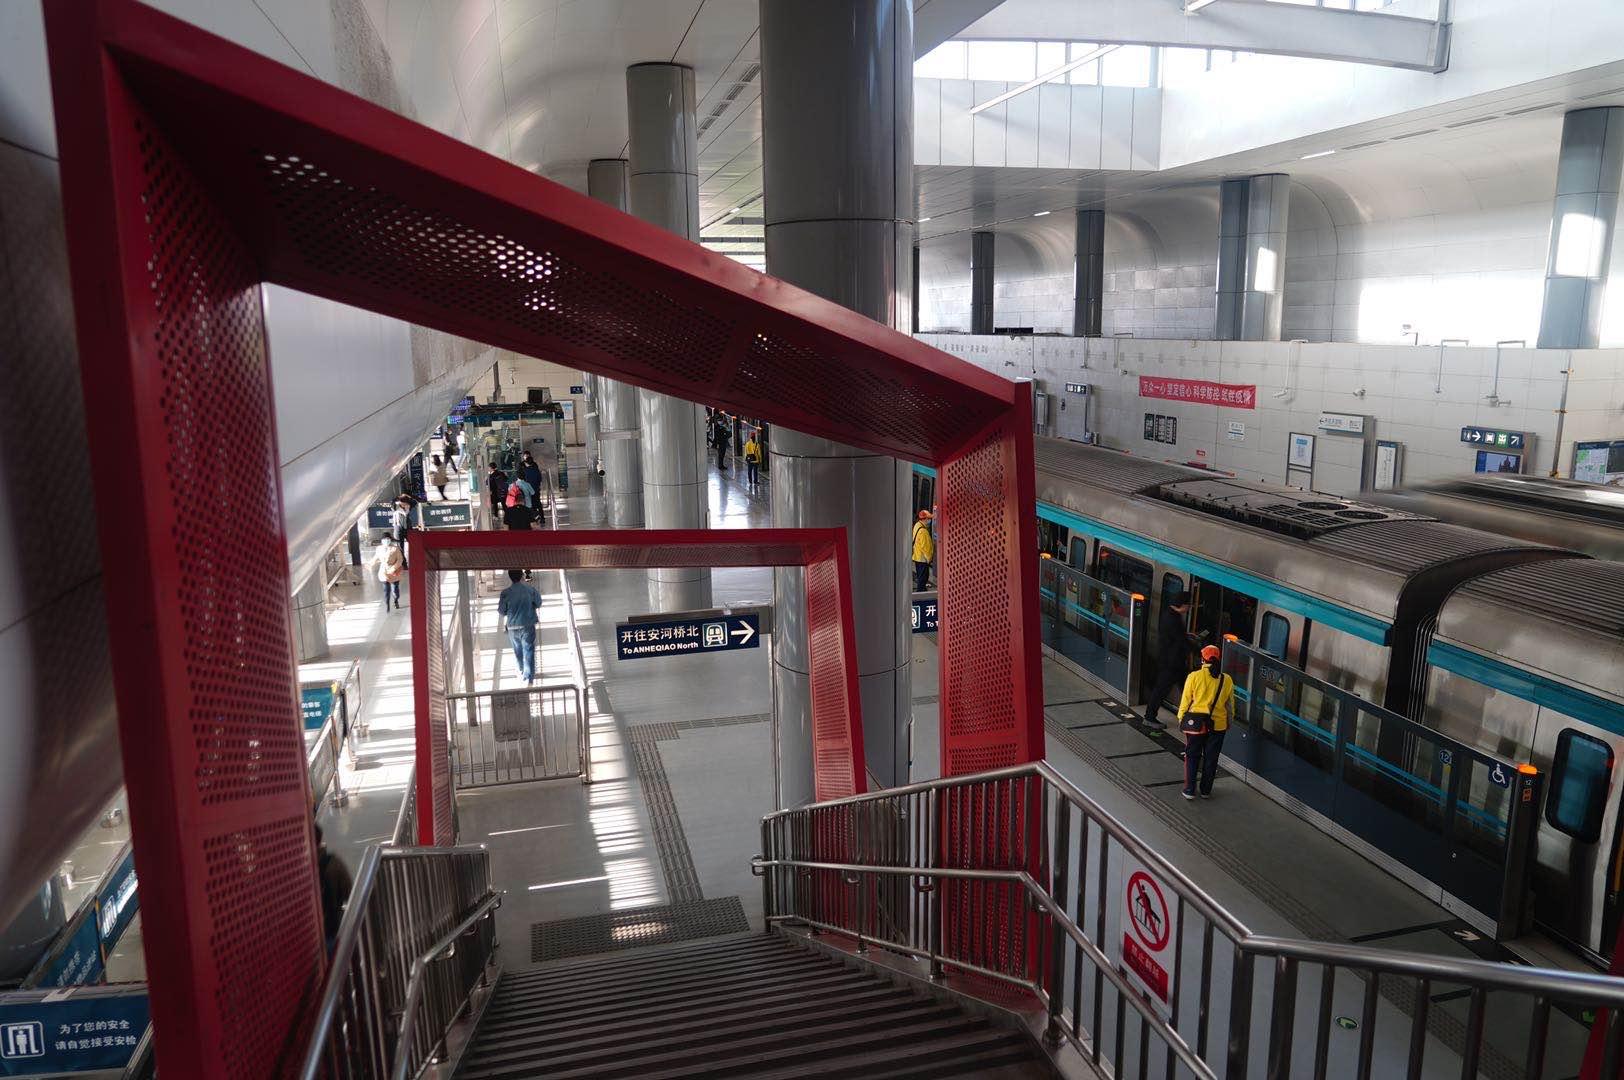 """北京地铁大兴线缩短发车间隔后 首个工作日西红门站不限流了 进城""""长龙""""没有了"""